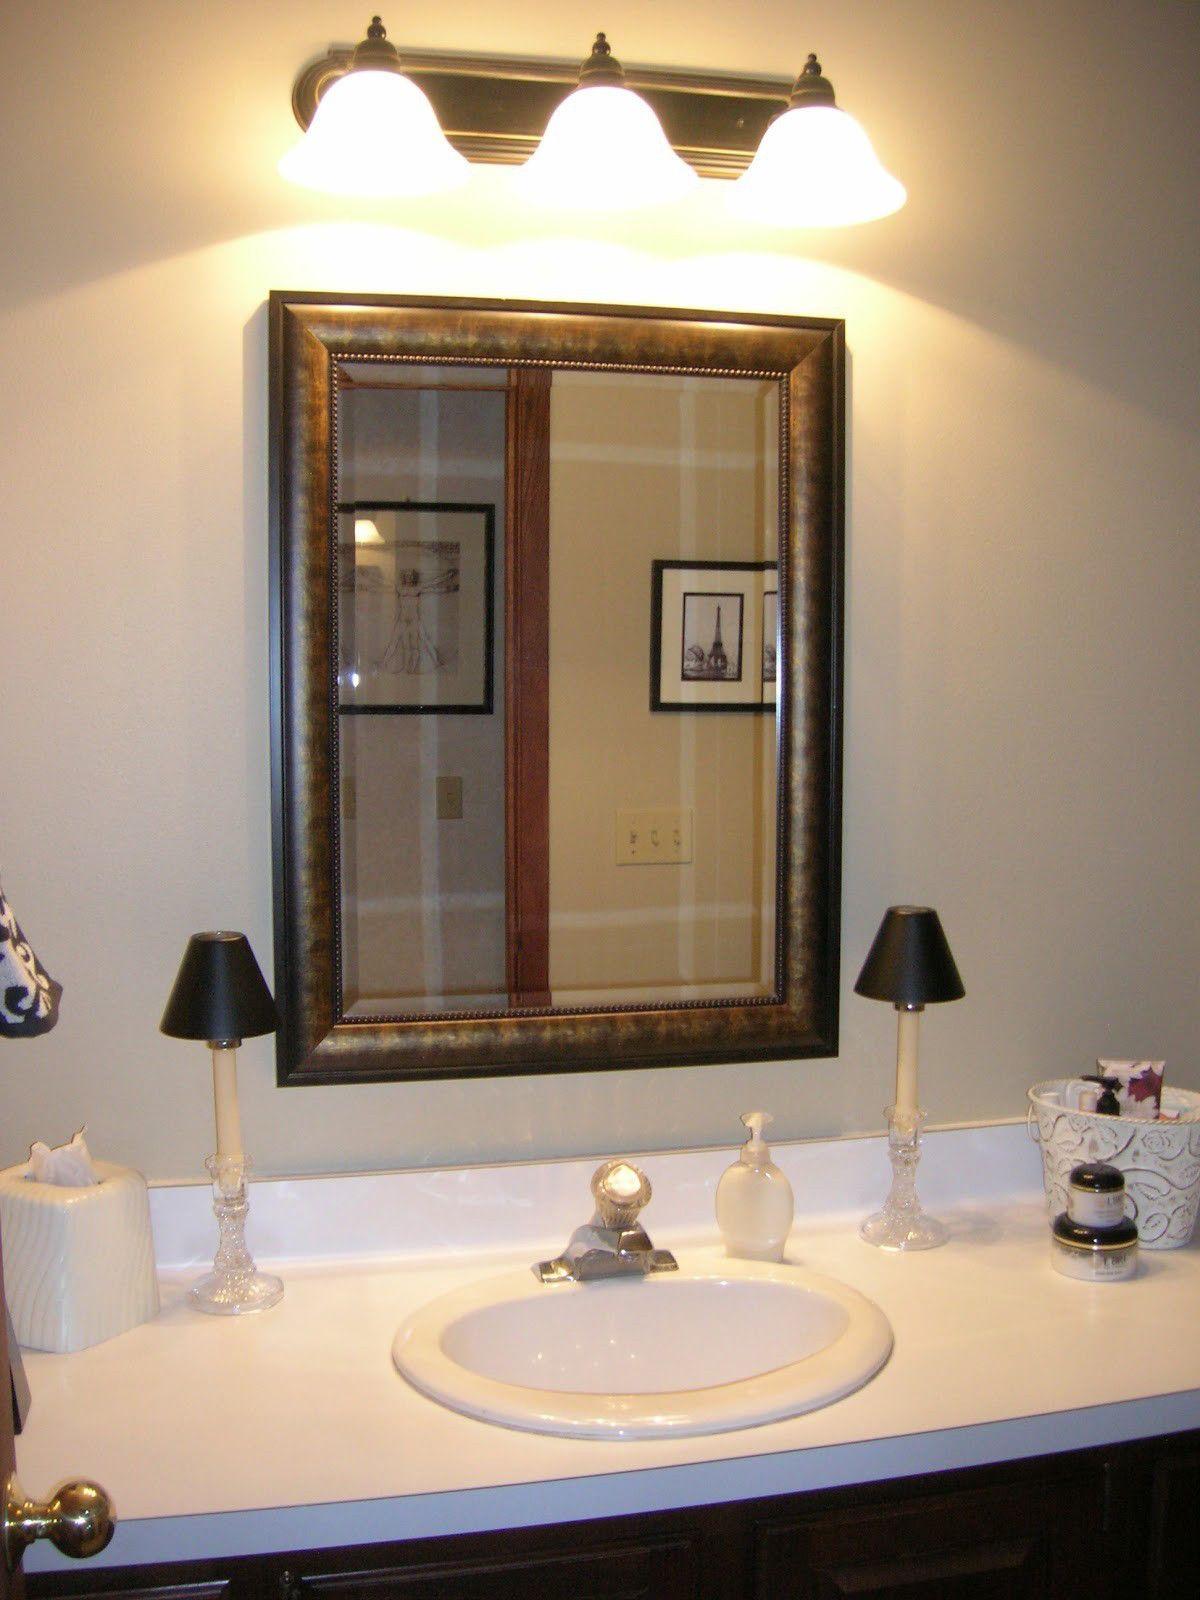 47 Die Meisten Klasse Schlafzimmer Wandleuchten Genie Erstellen Sie Ein Raum Versierte Modernes Badezimmer Licht Rustikale Bad Eitelkeiten Badezimmer Dekor